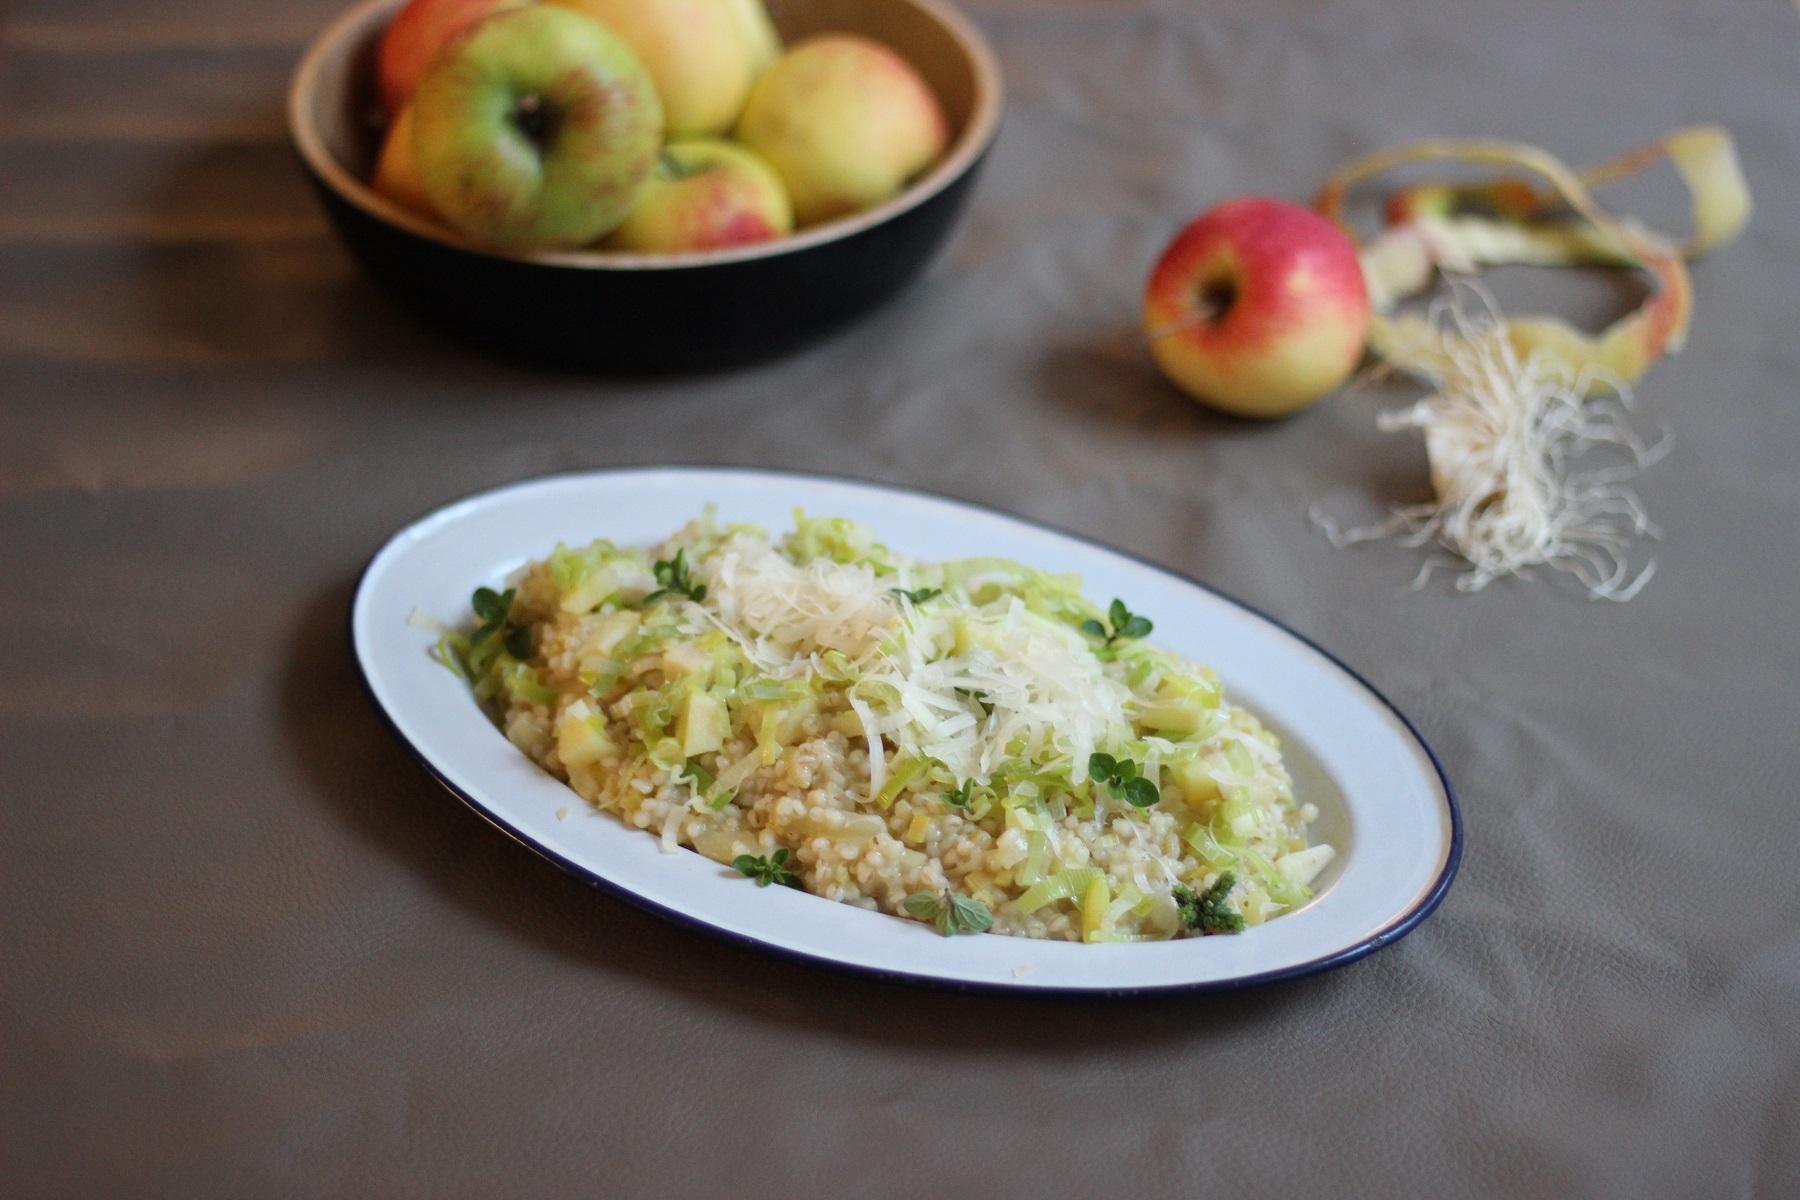 Cremiges, herbstliches Graupen-Risotto mit Äpfeln und Lauch